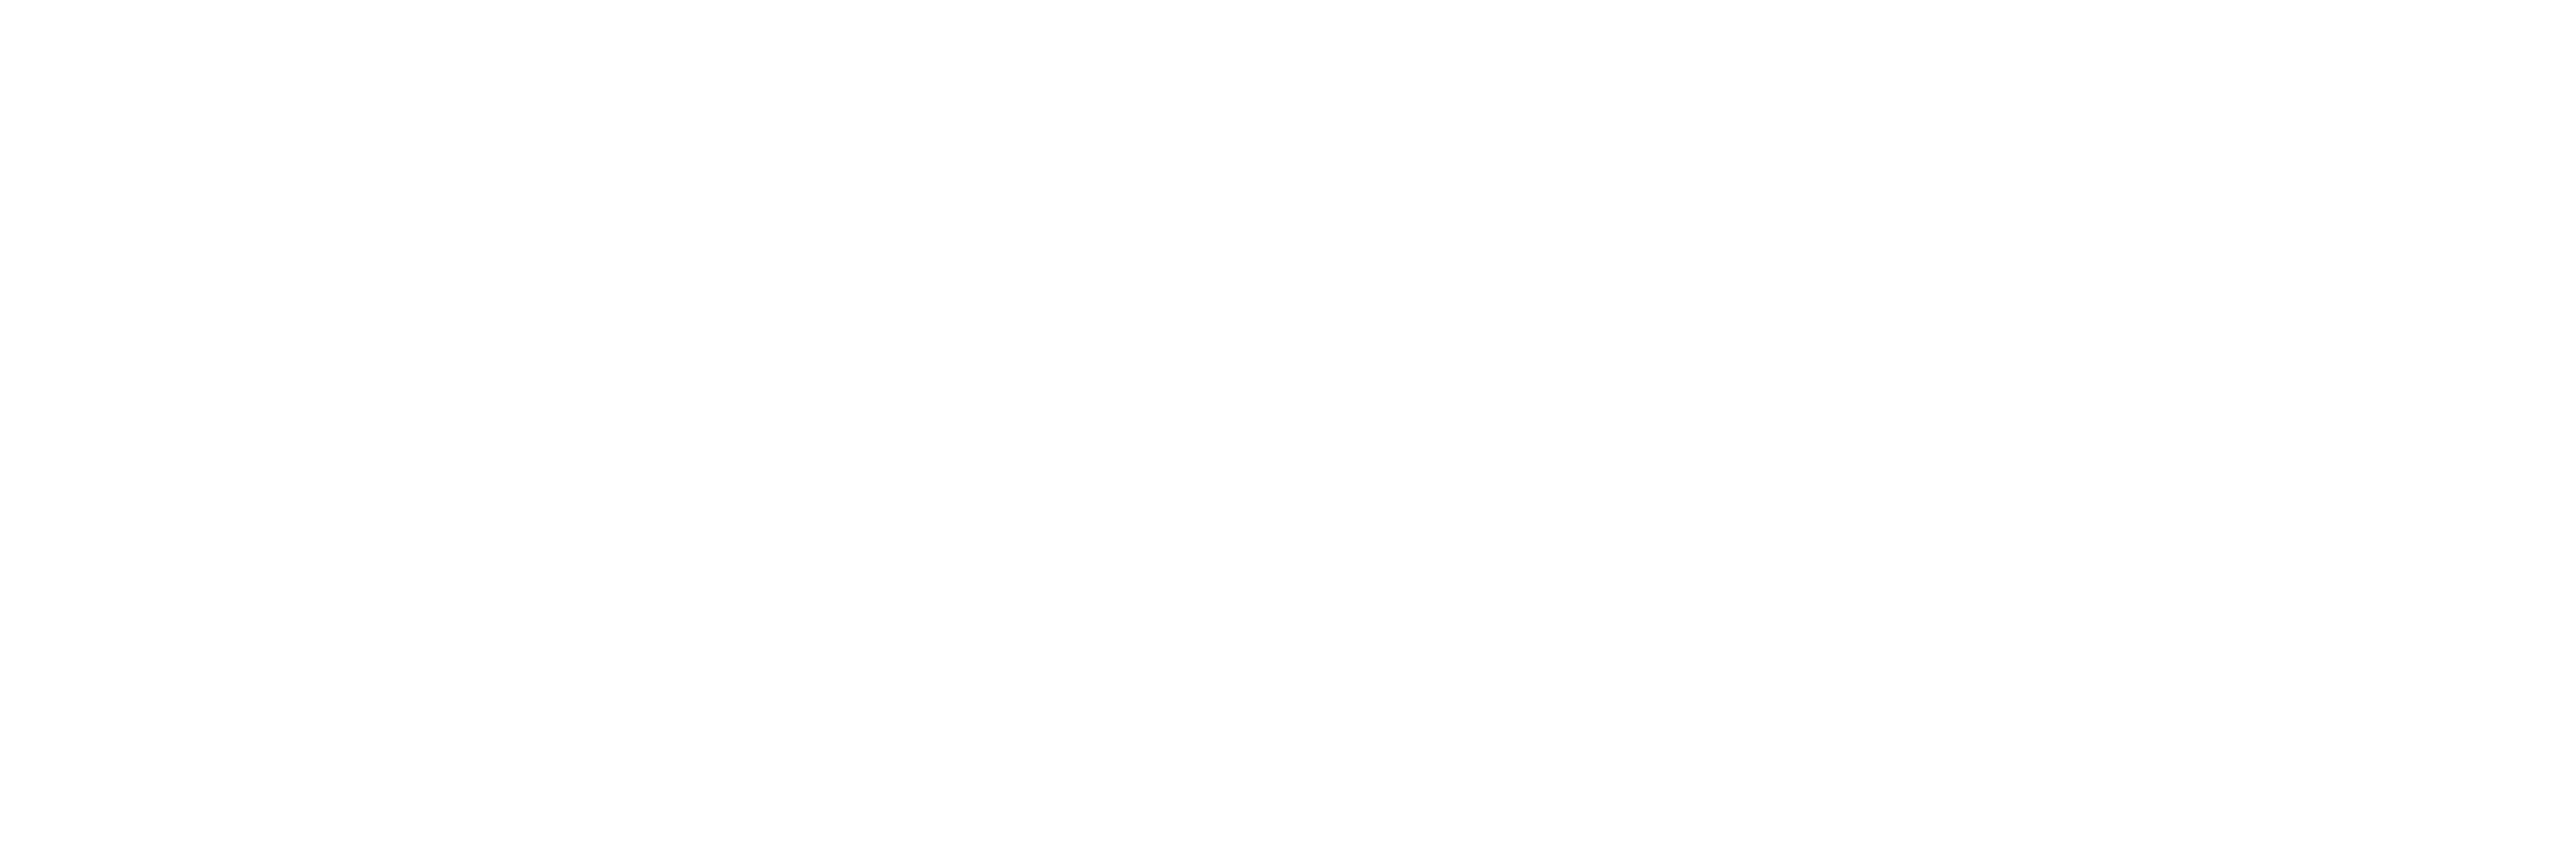 Coalizão Brasil 5.0 Branco